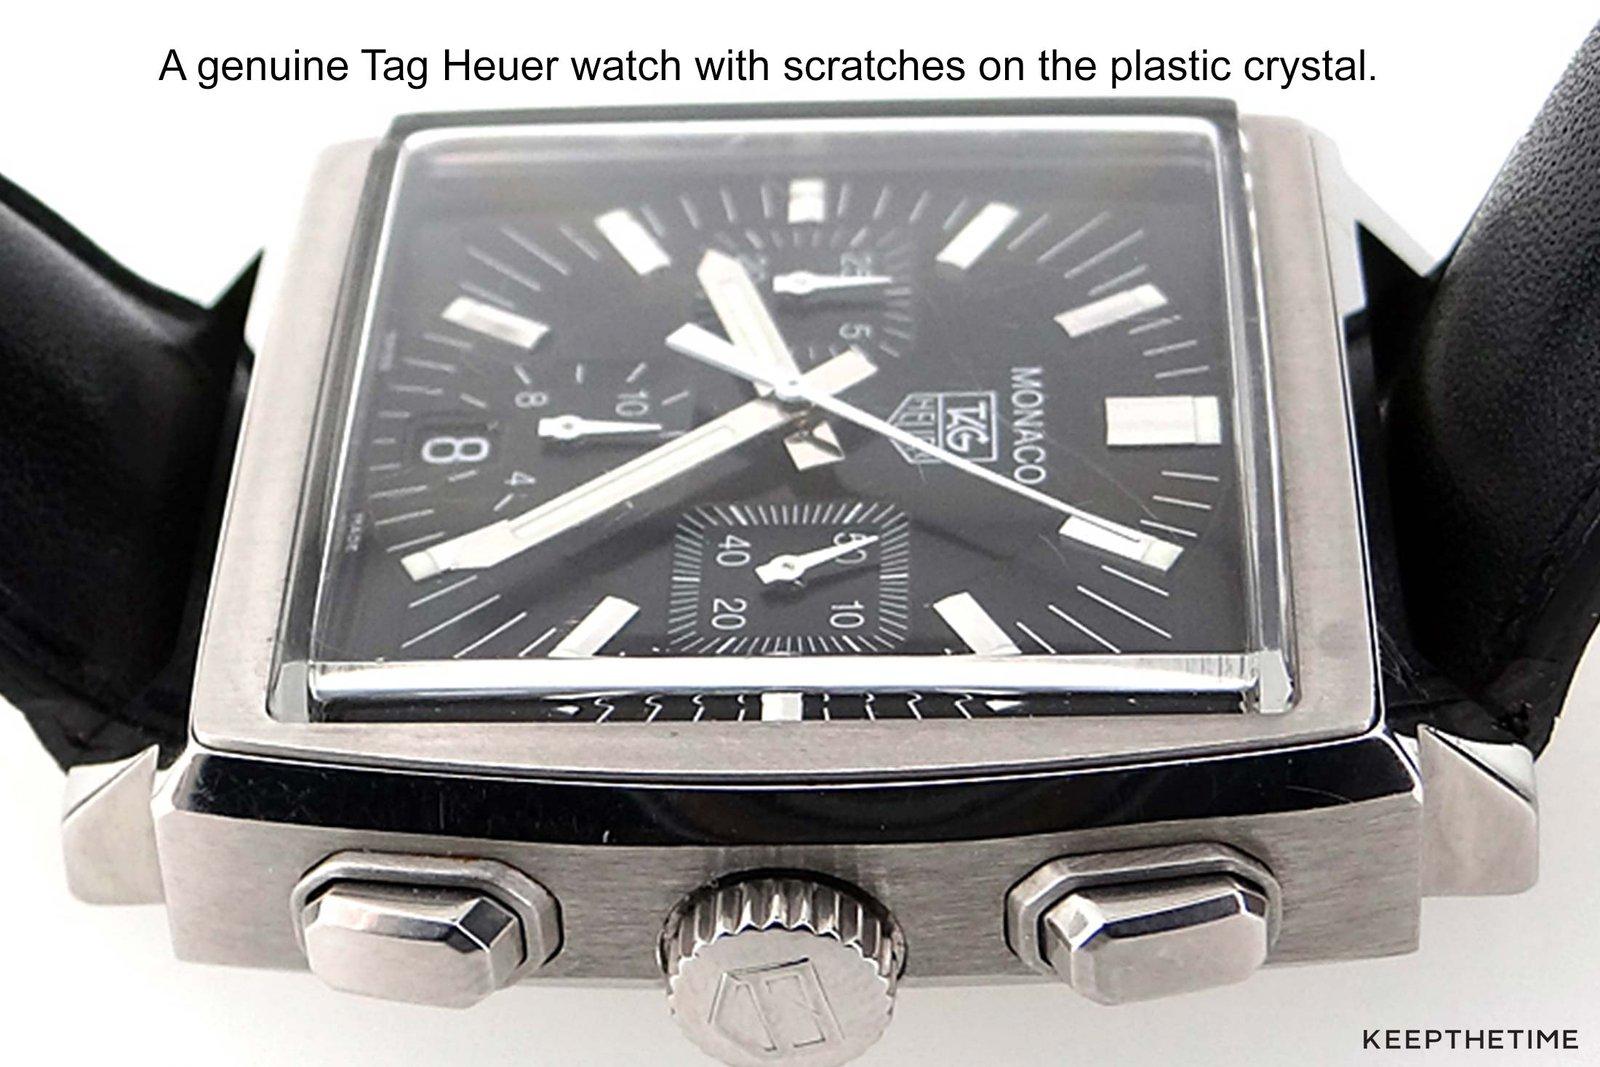 Tag Heuer Monaco Plastic Crystal